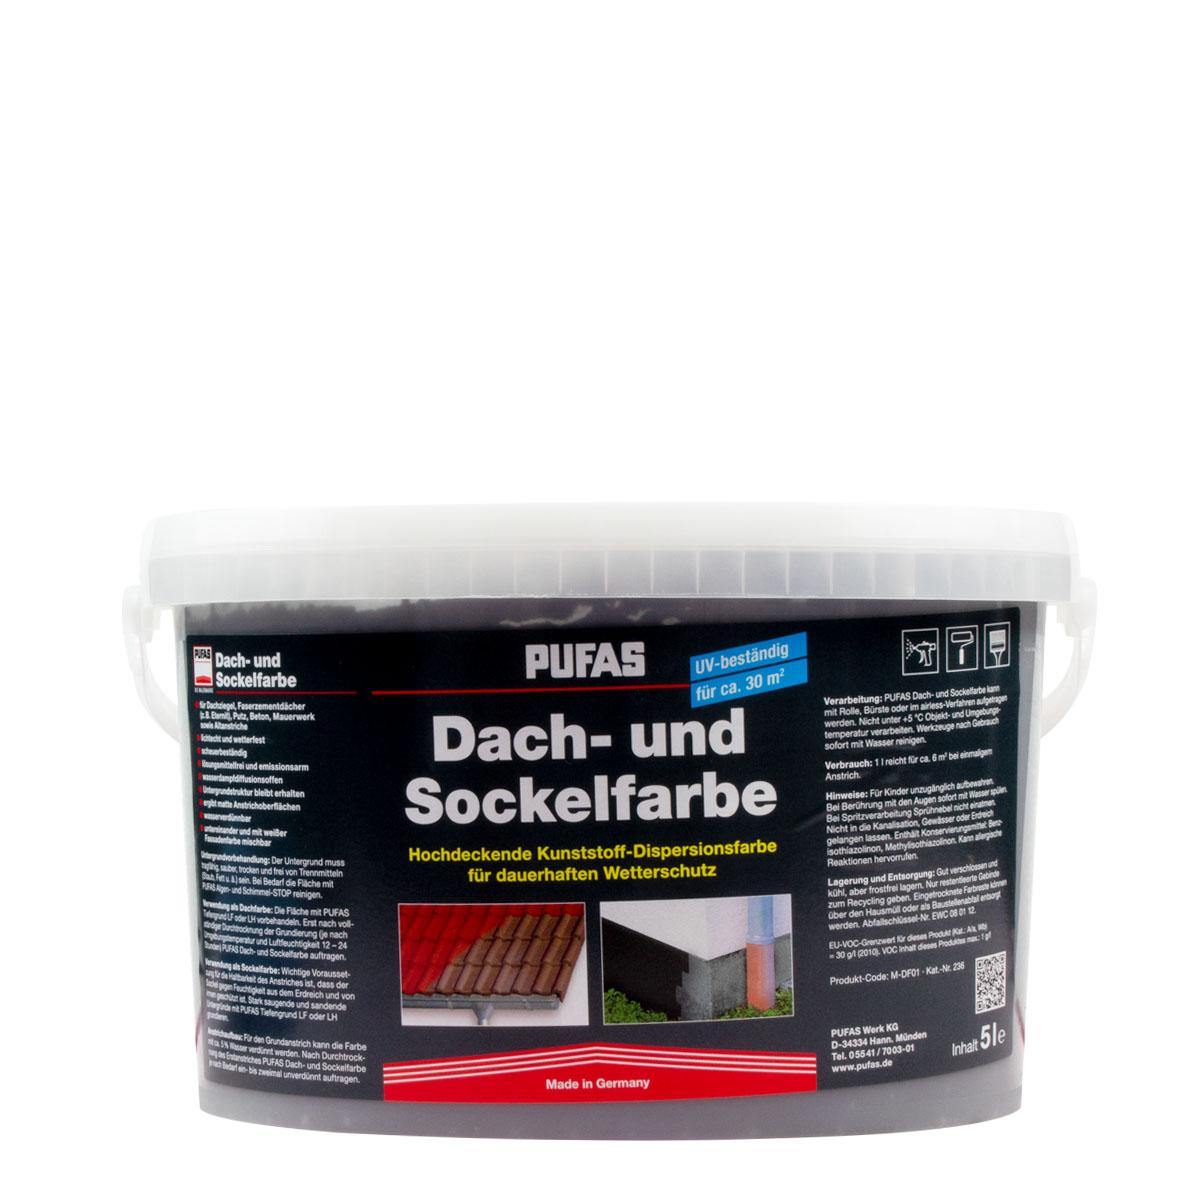 Pufas Dach- und Sockelfarbe Schiefer 5L